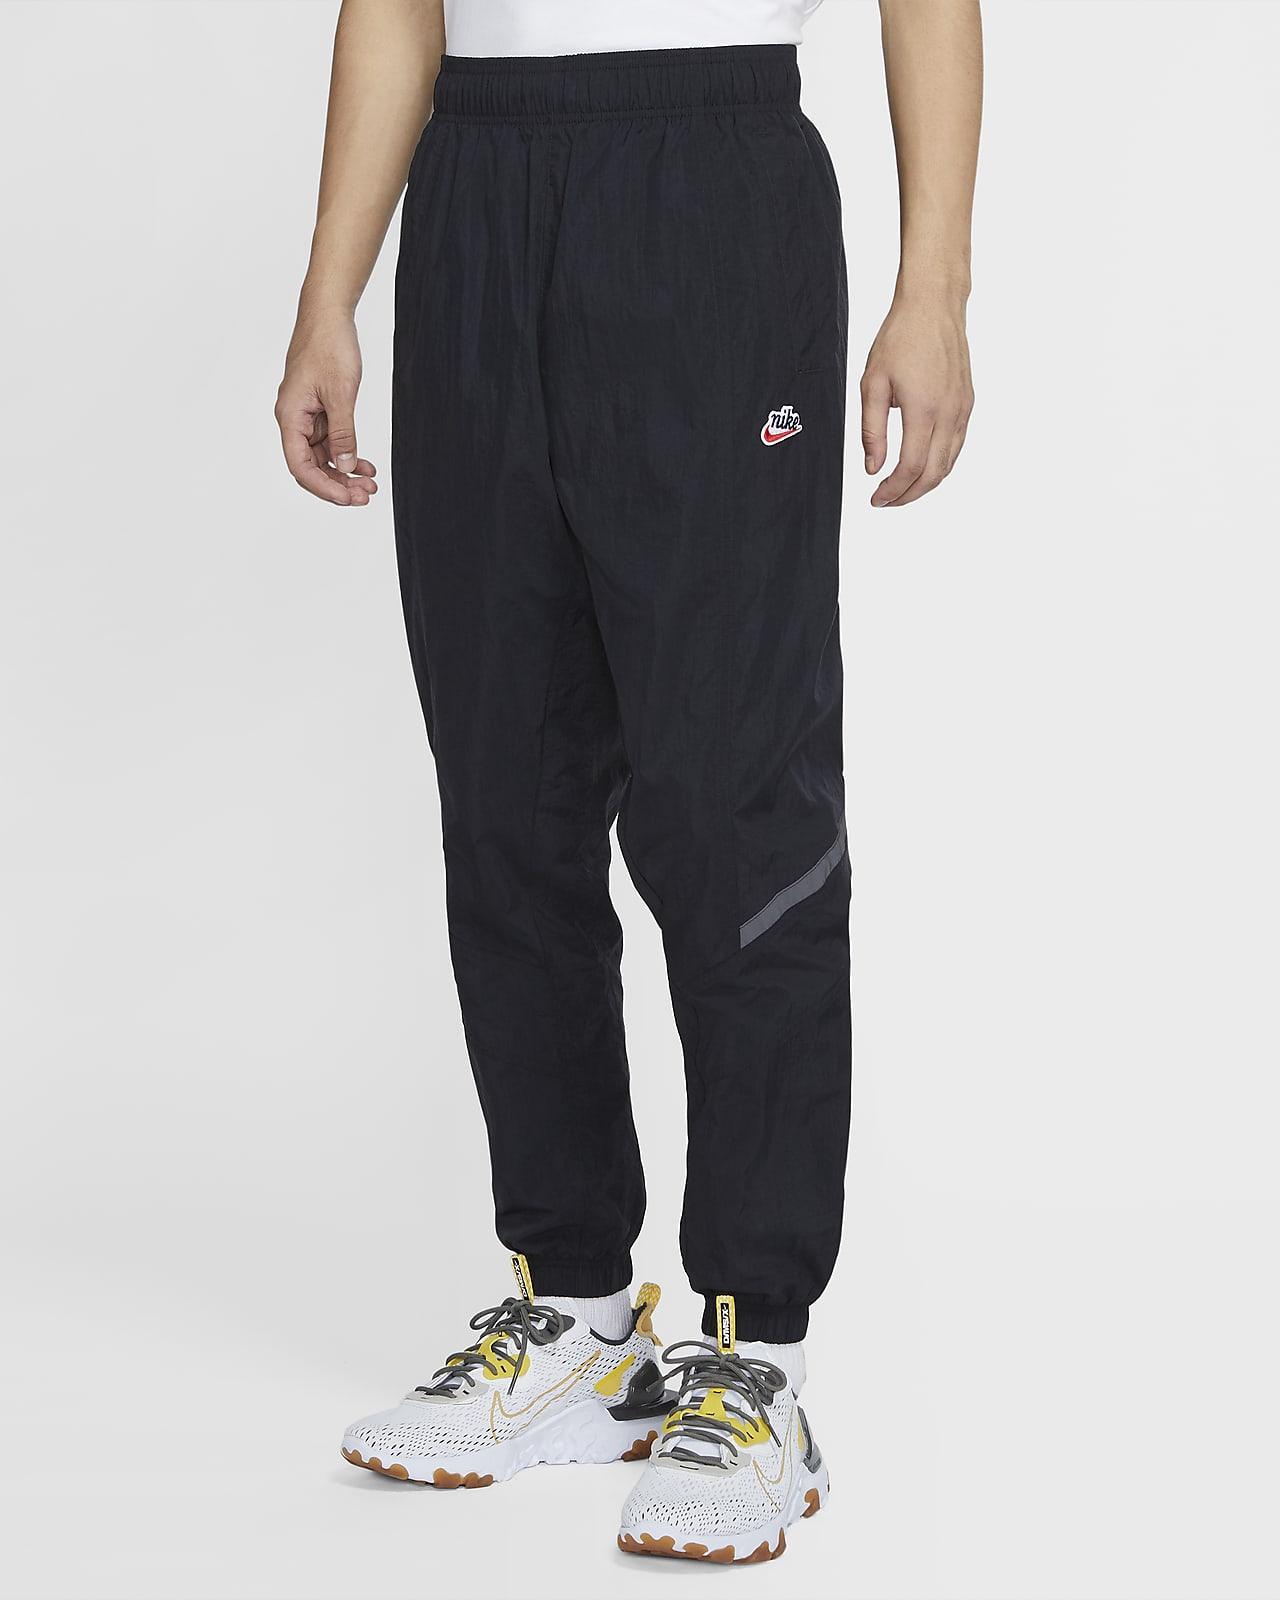 Nike Sportswear Windrunner 男款運動褲